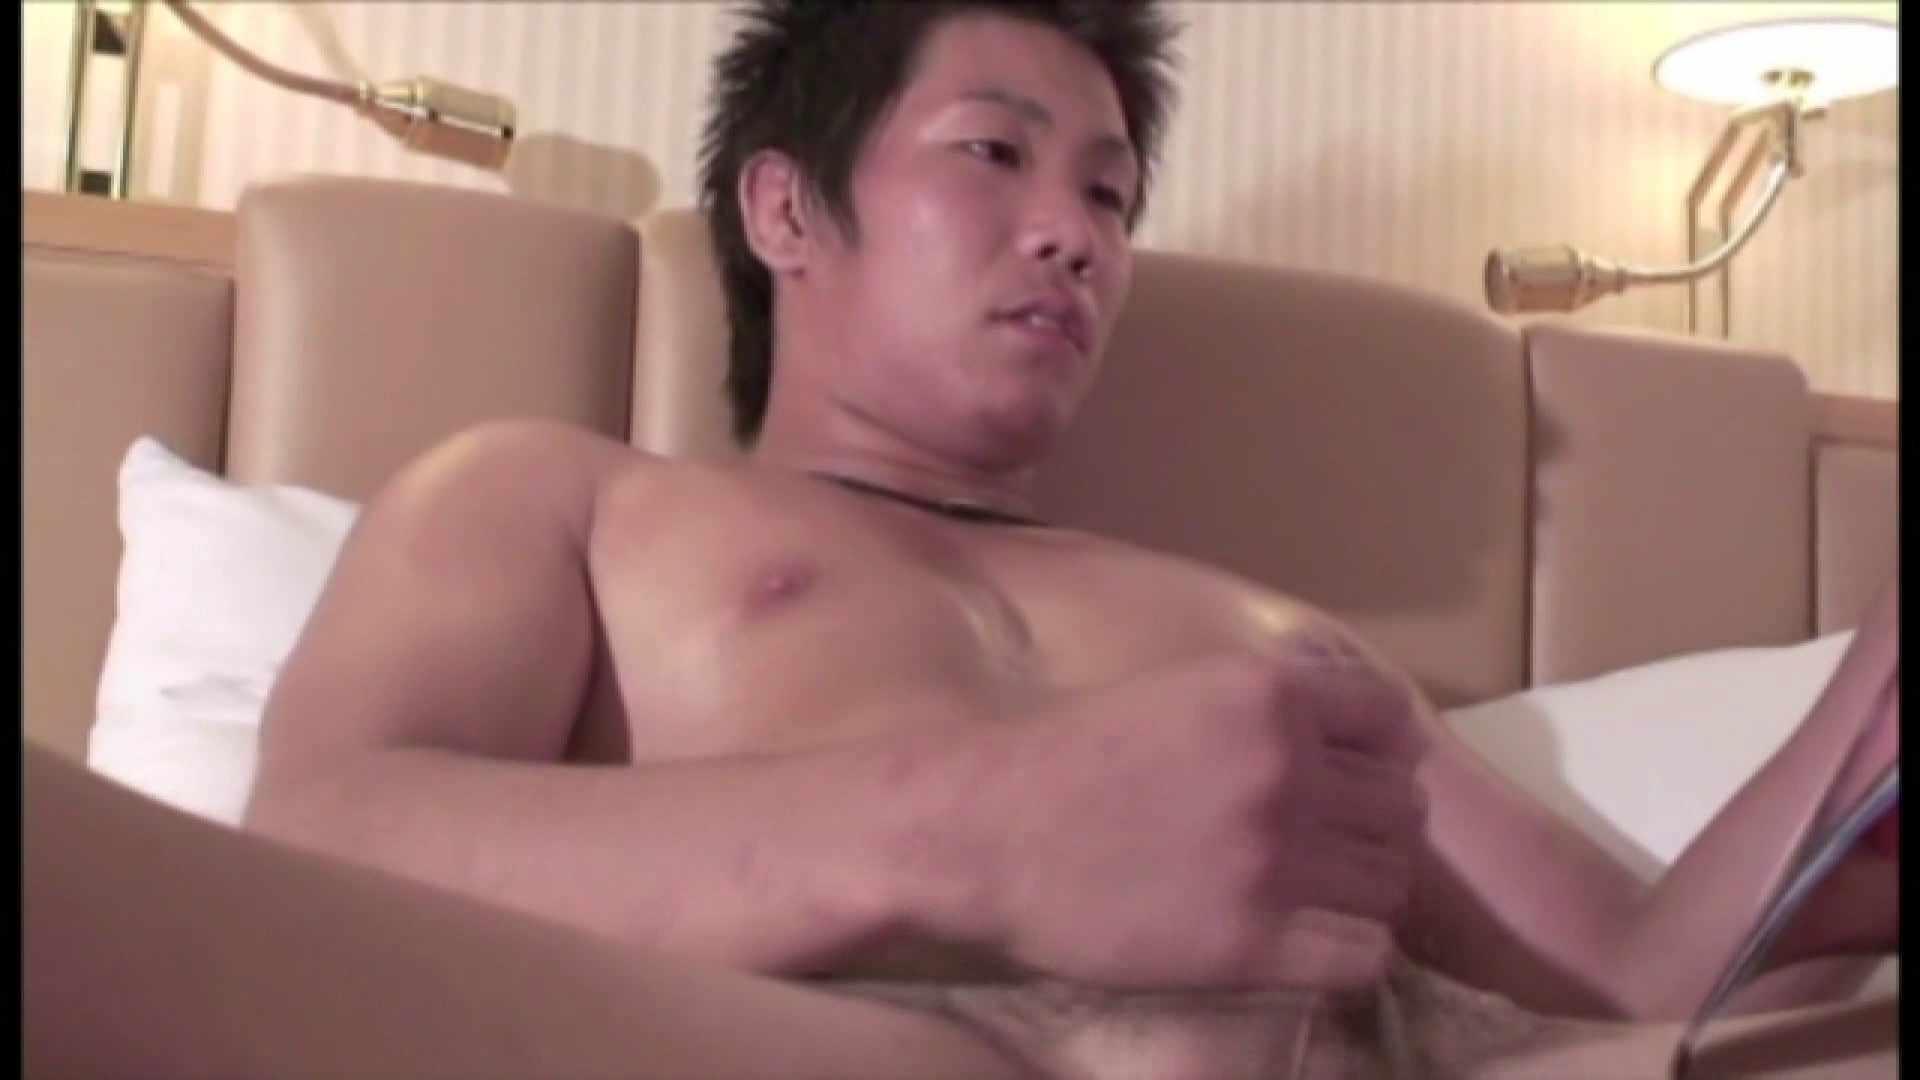 ノンケイケメンの欲望と肉棒 Vol.25 エロ  90pic 8